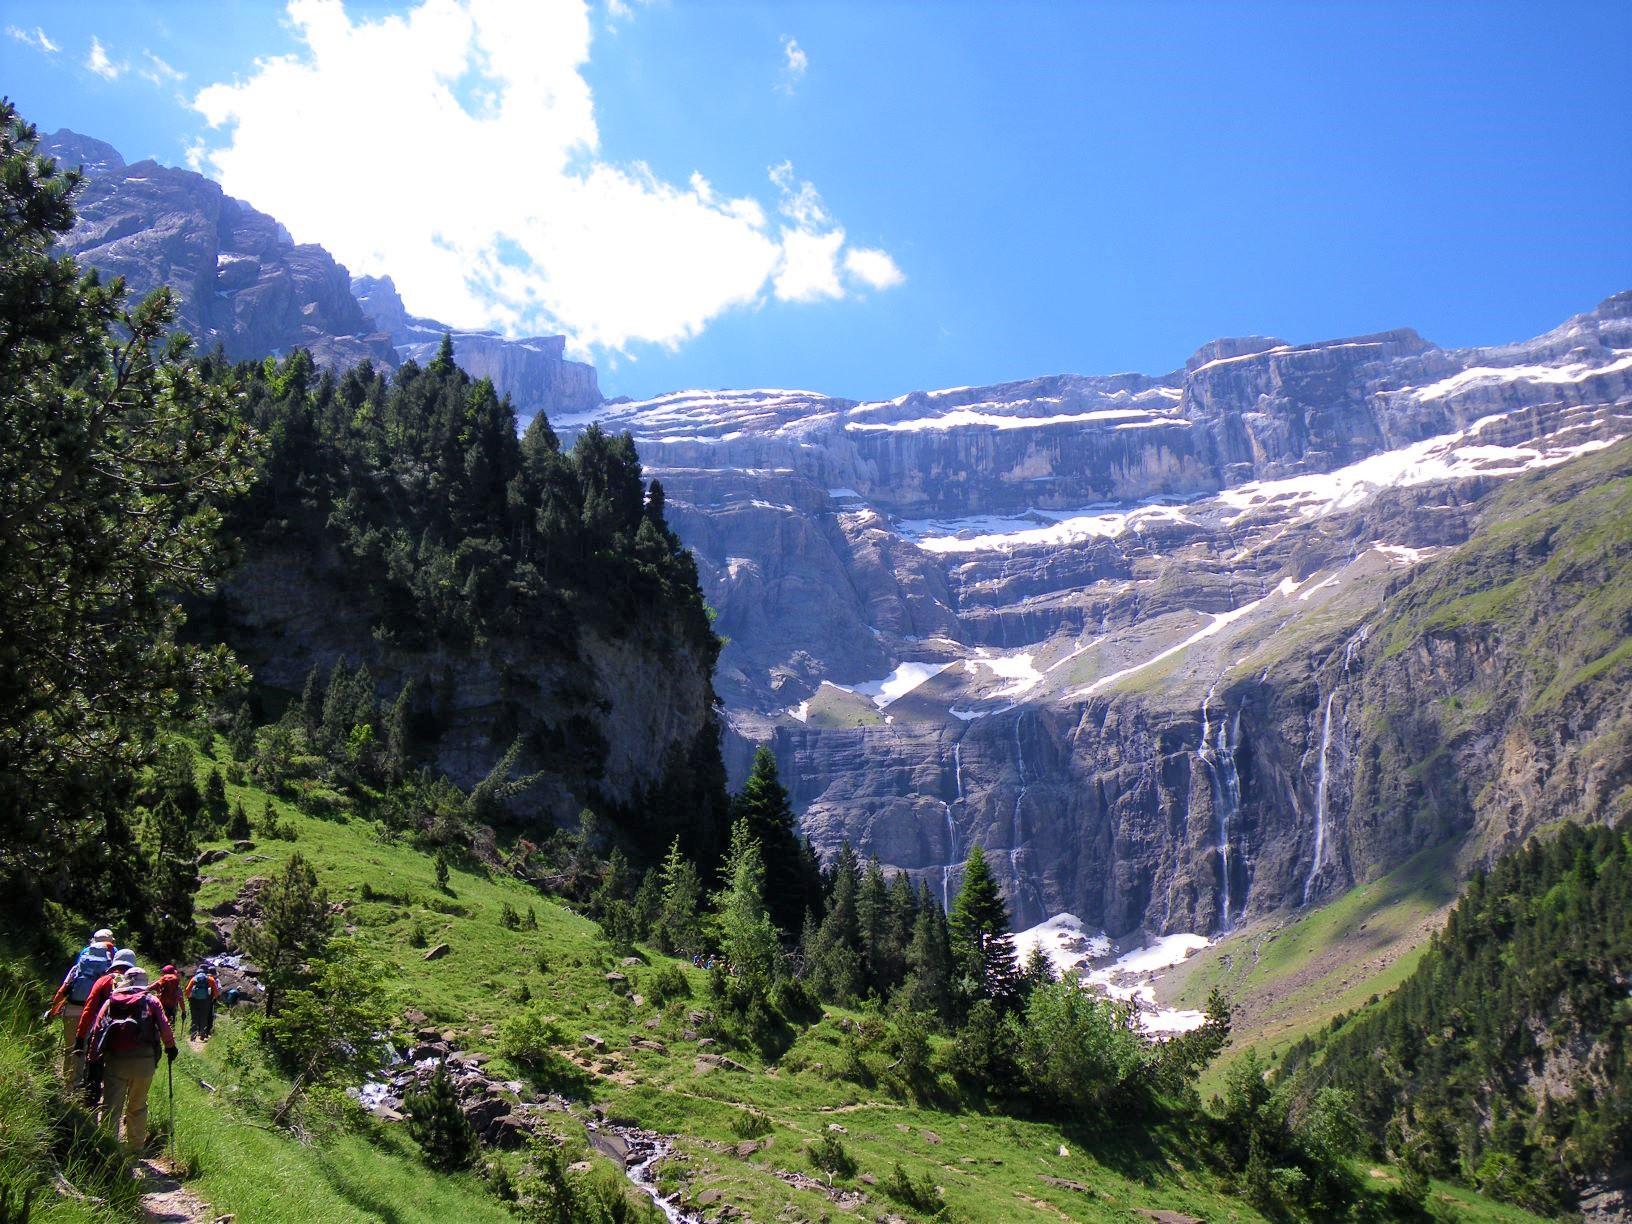 岩壁がそびえるガバルニー大圏谷にはいくつもの滝が流れ落ちる(3日目)